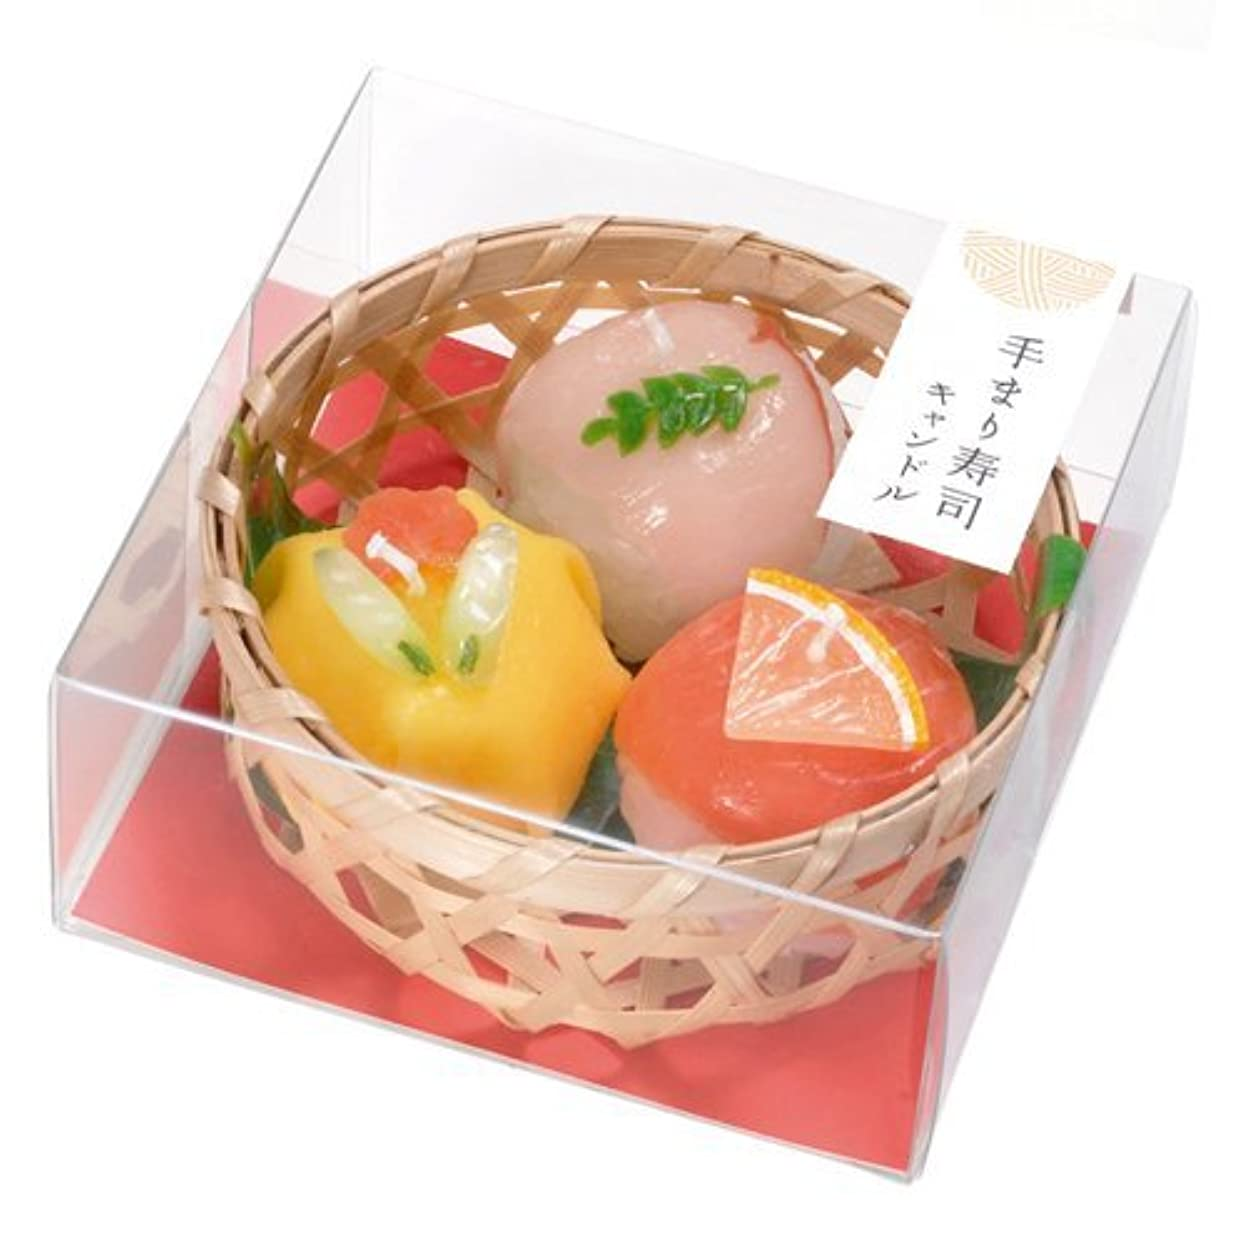 一致出演者延期する手まり寿司キャンドル (故人の好物シリーズ)